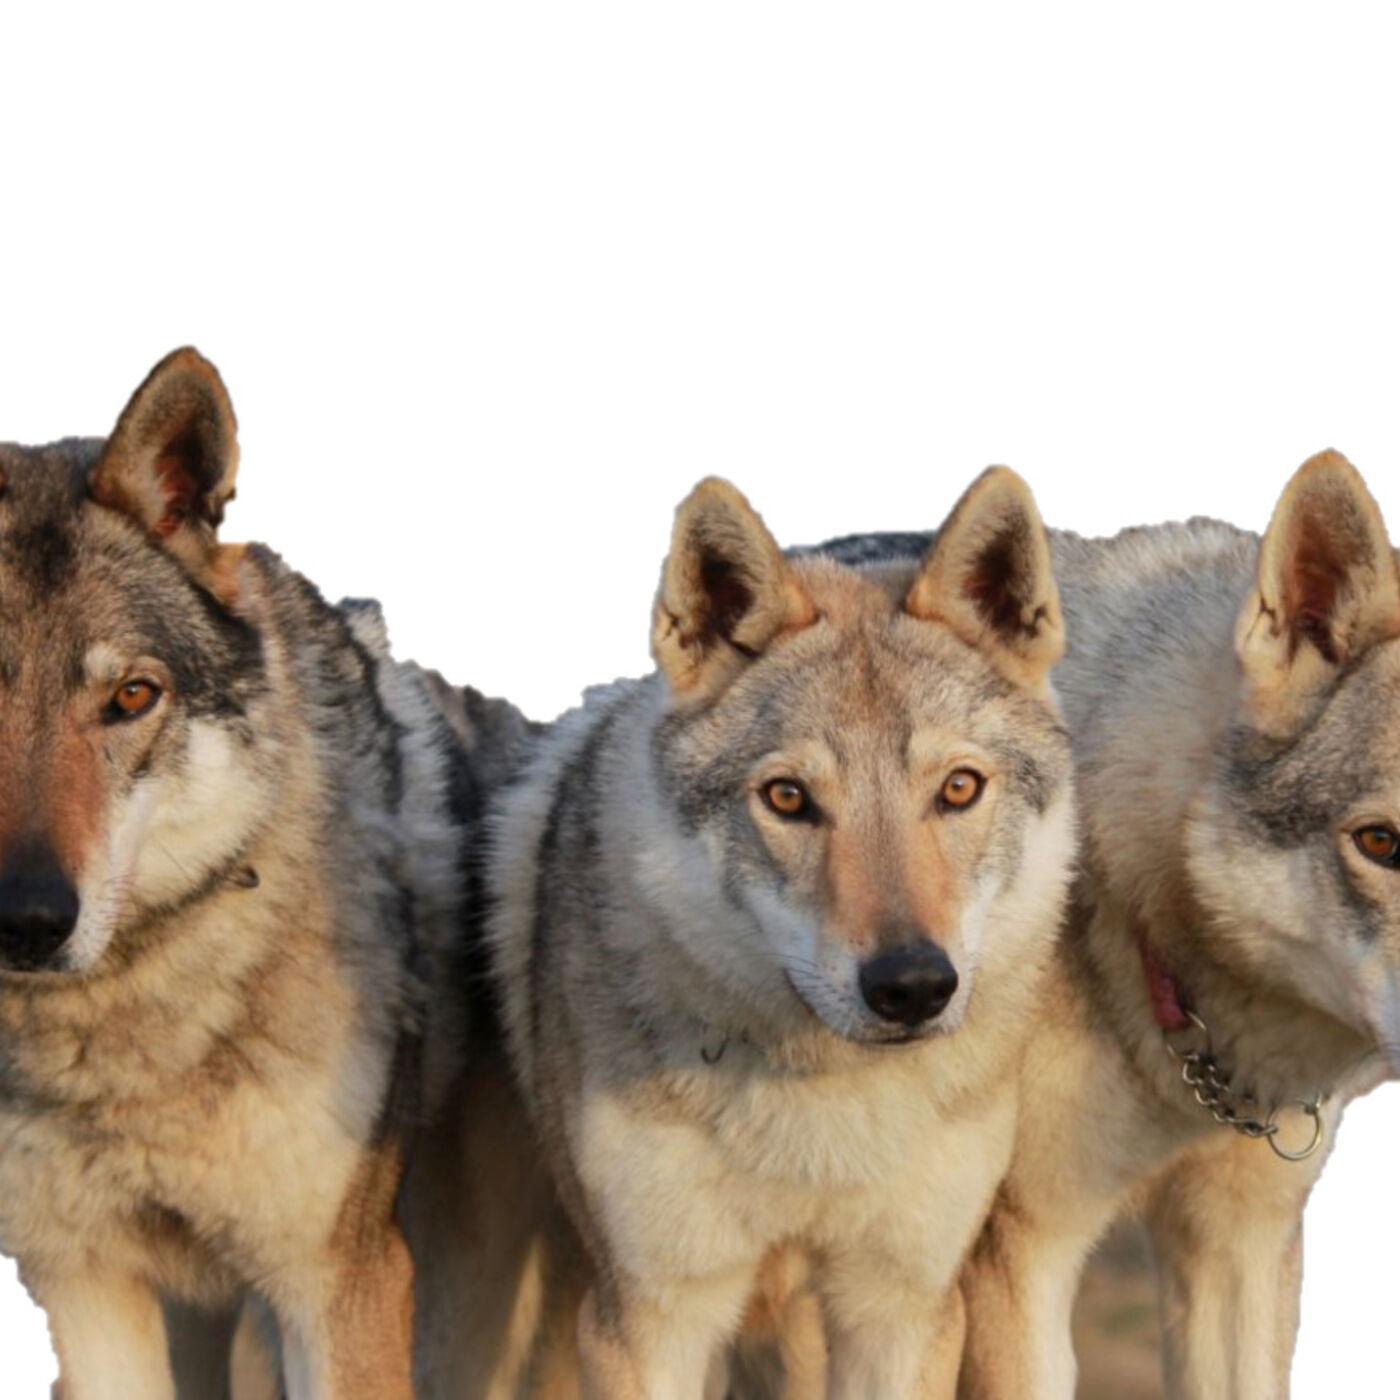 62. Aah-oooo, The Wolves of Randland, Aah-oooo!